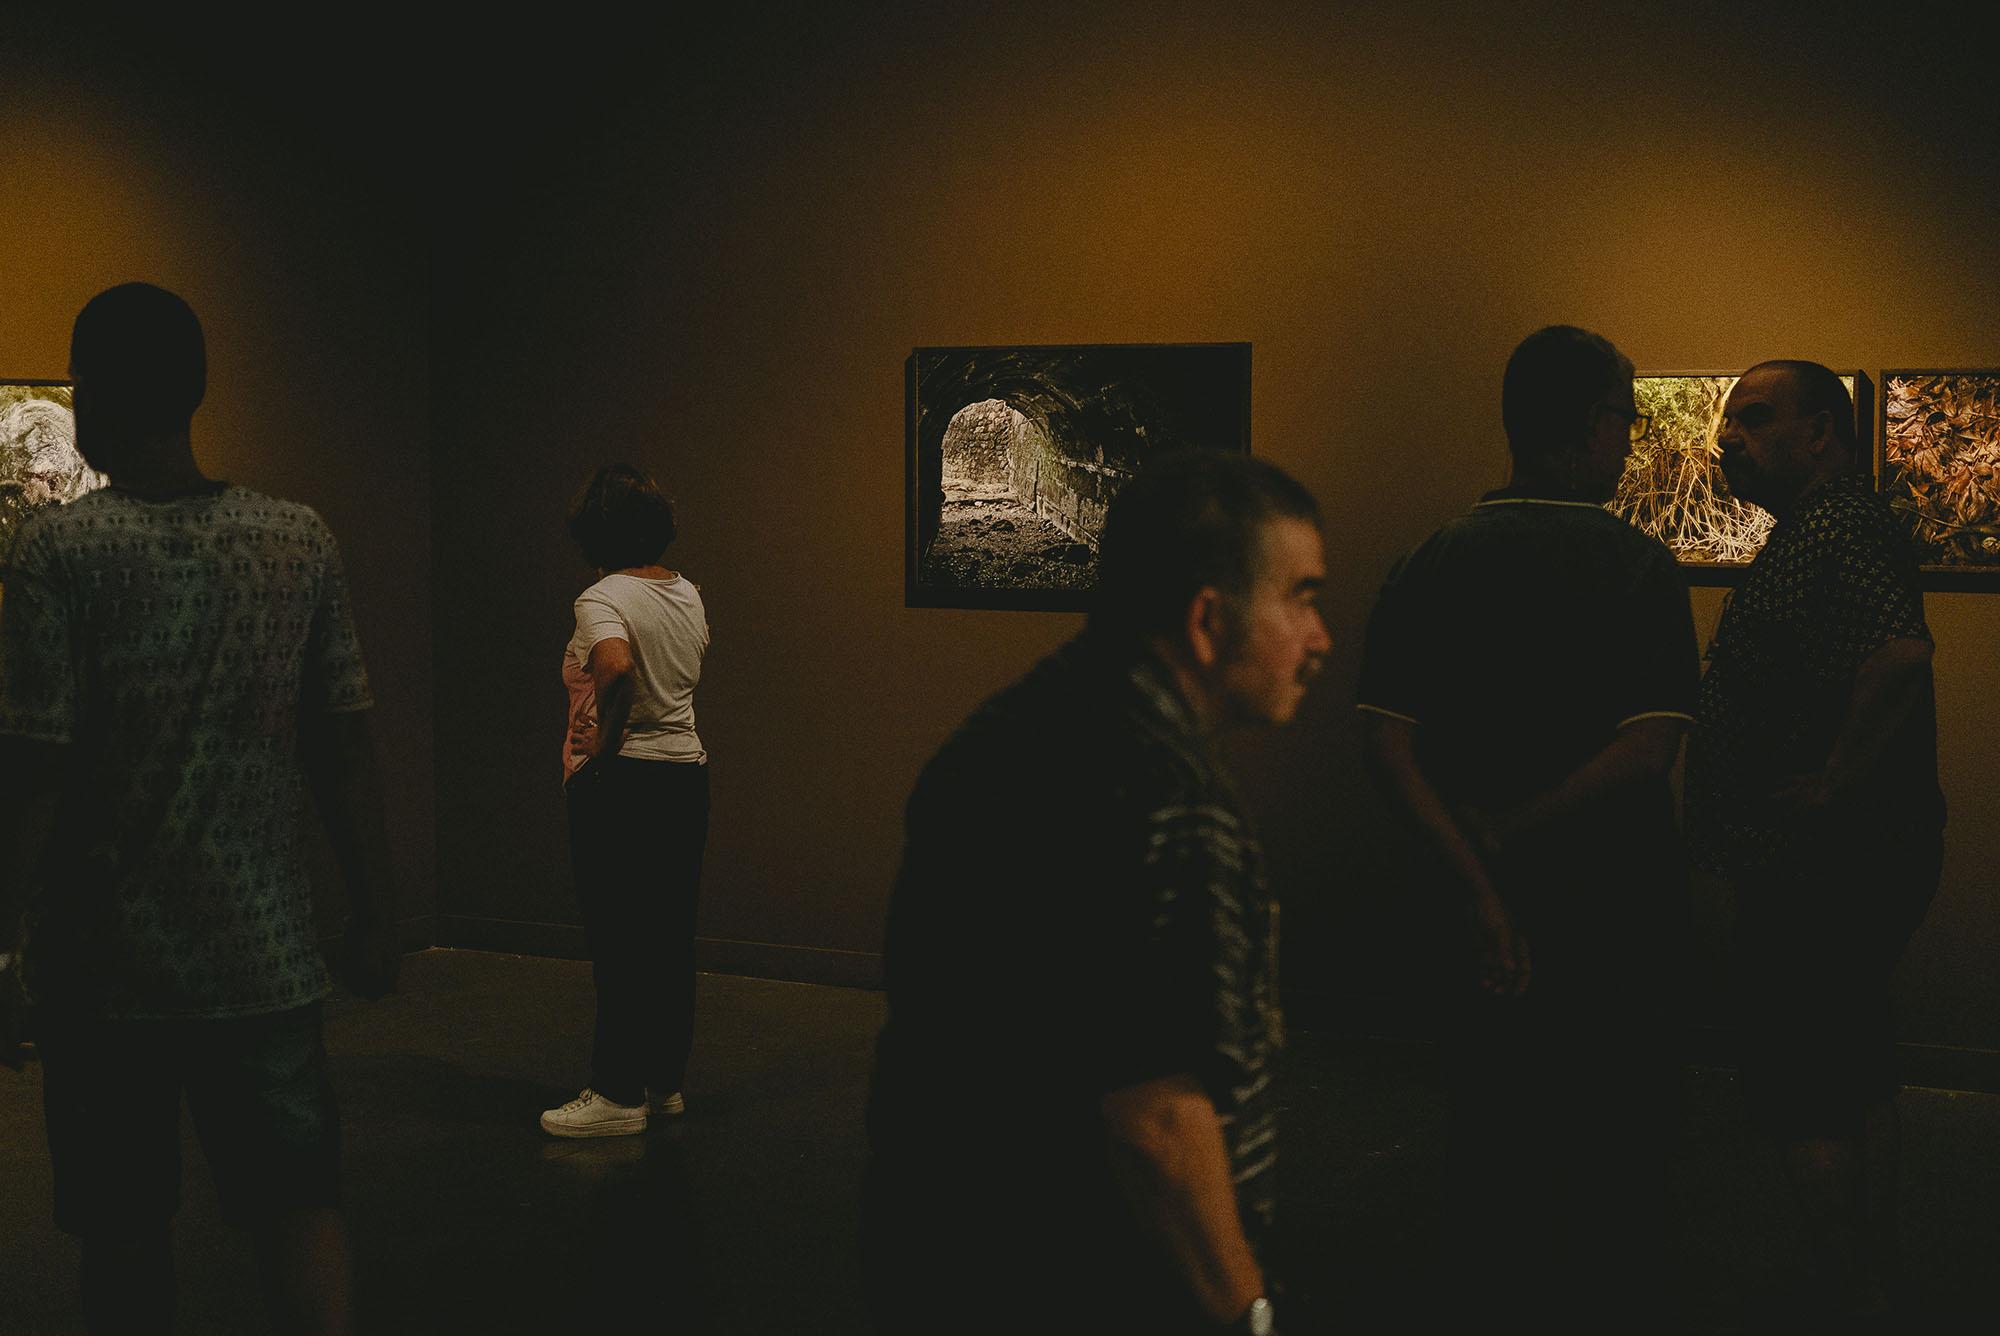 Visões-de-um-poema-sujo : exposição-lançamento-livro : Márcio Vasconcelos : Gustavo Semeghini : Blog -023.jpg